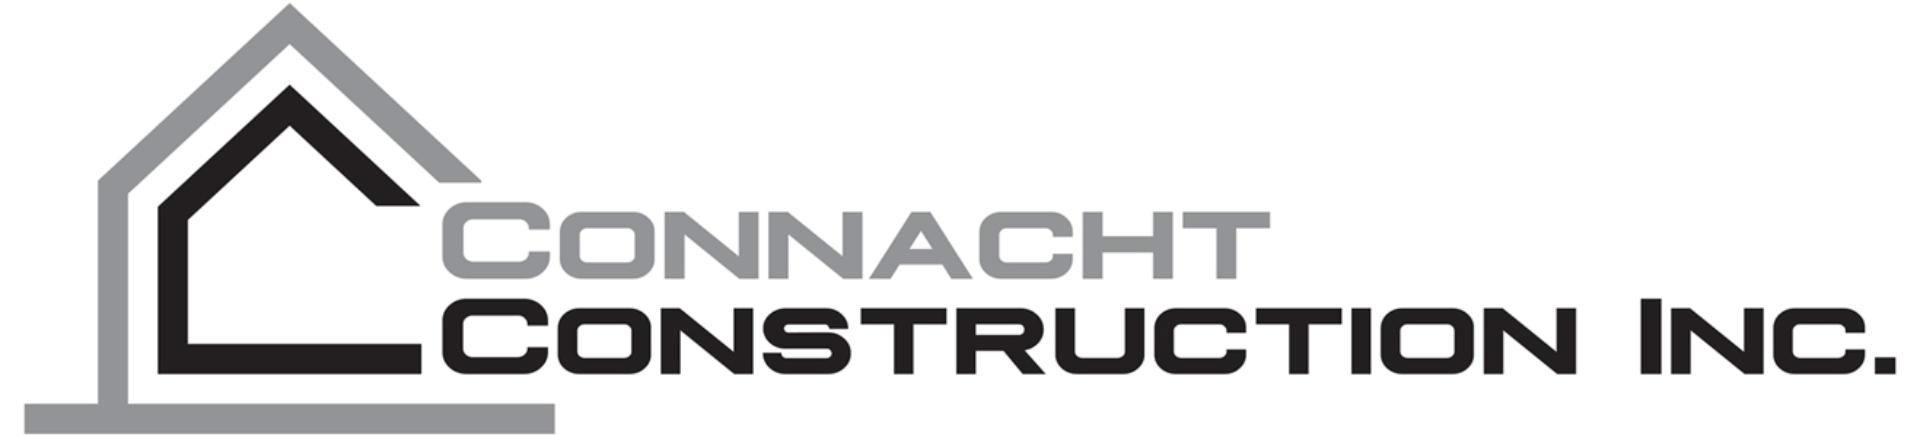 Connacht Construction Inc..png